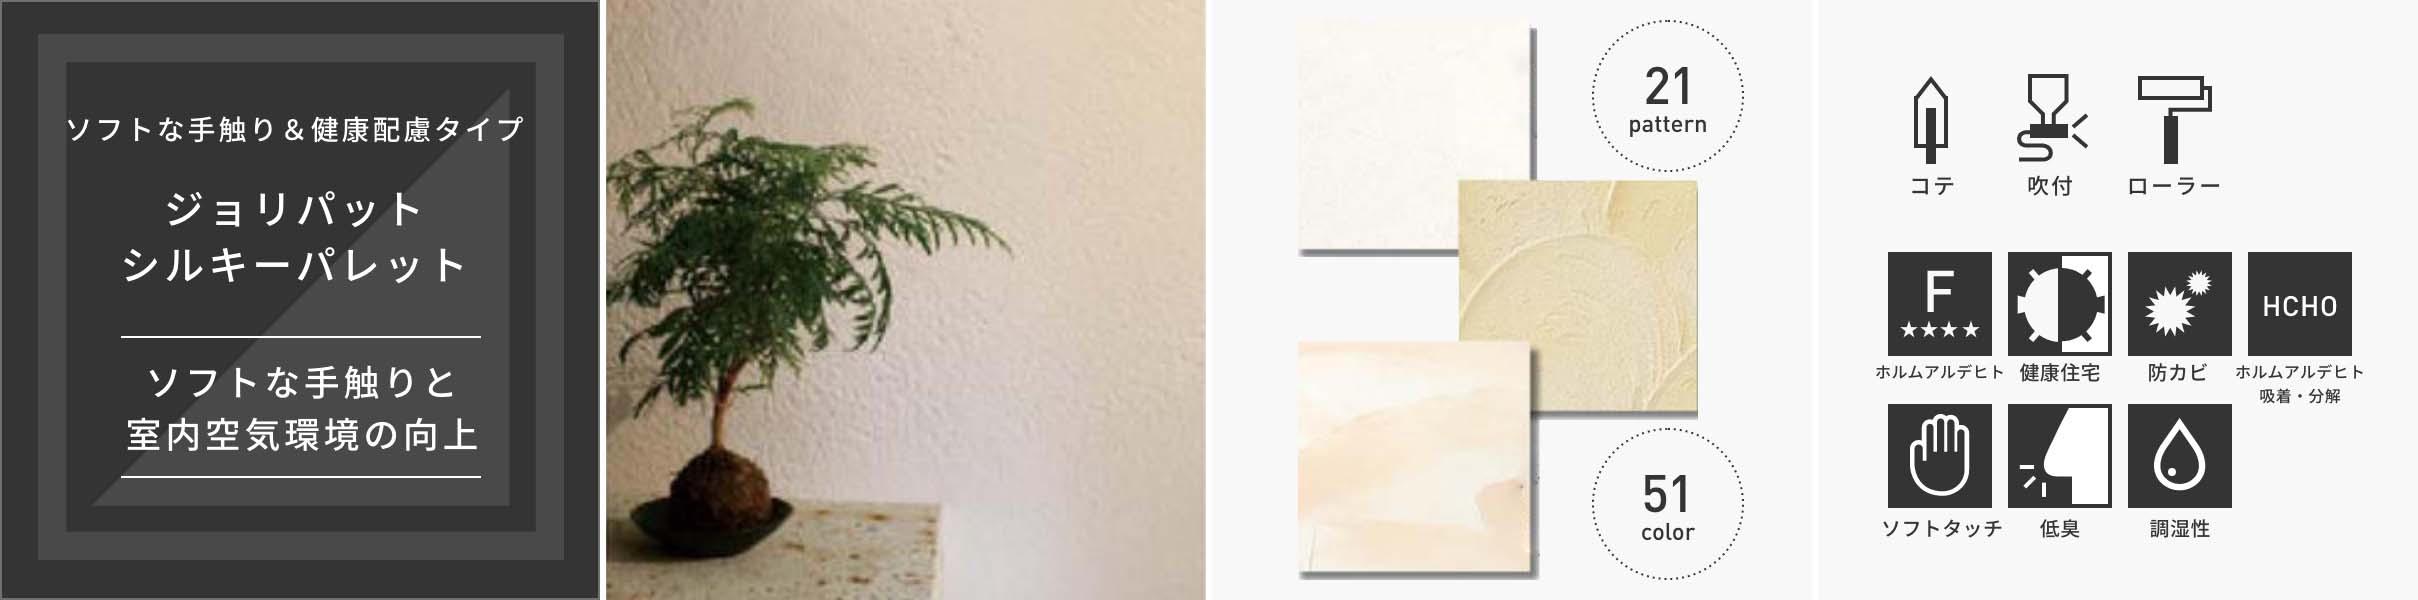 ソフトな手触り&健康配慮タイプ ジョリパットシルキーパレット ソフトな手触りと室内空気環境の向上